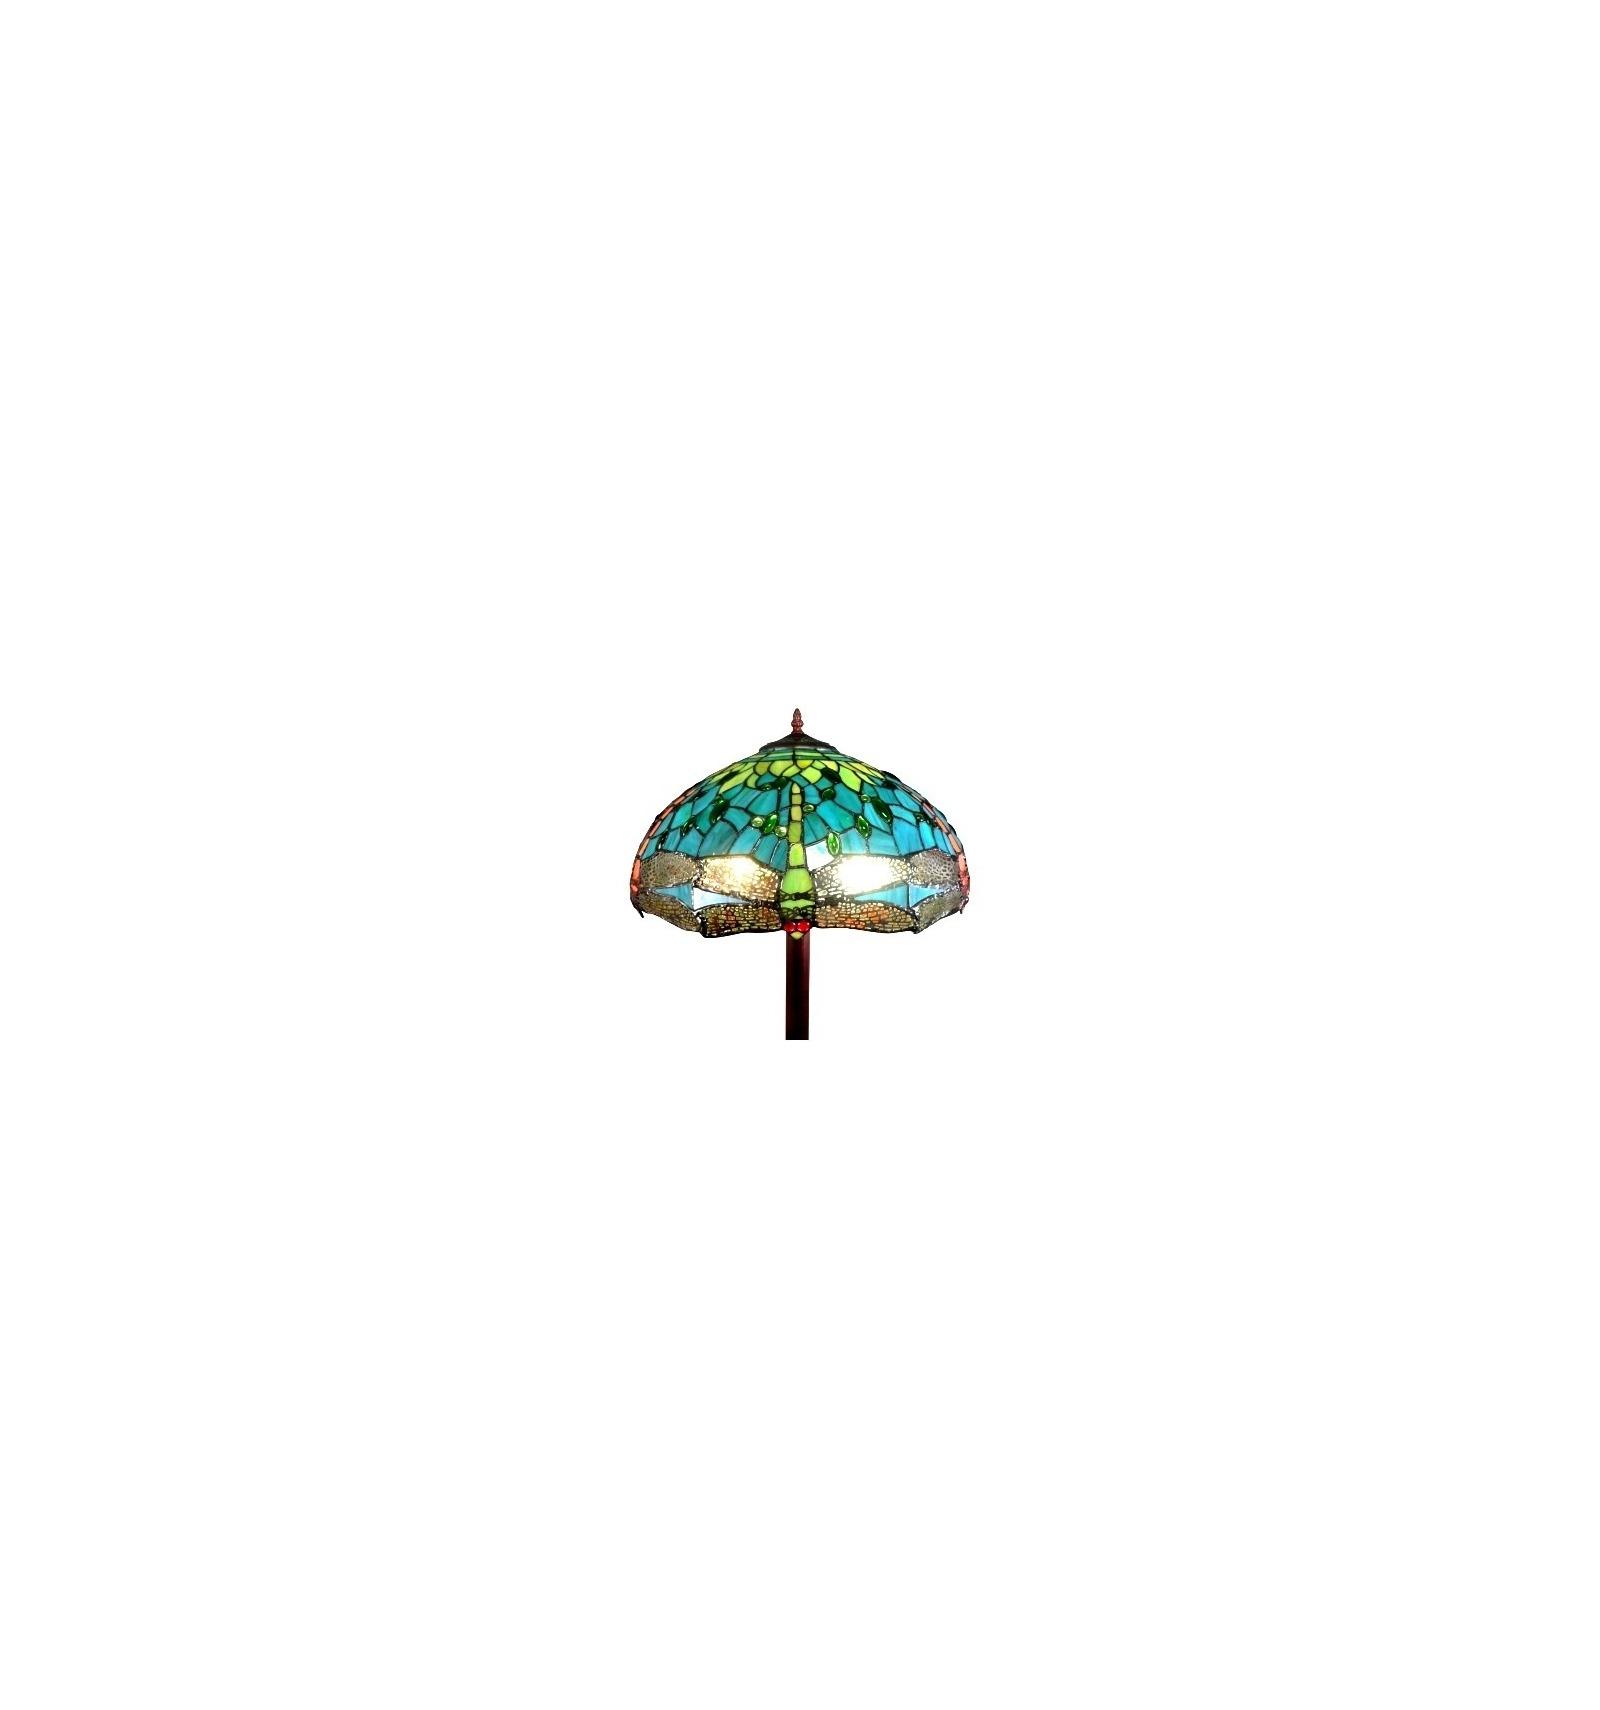 Lampa Stojąca Tiffany Montpellier Oprawy Szklane Podłogi